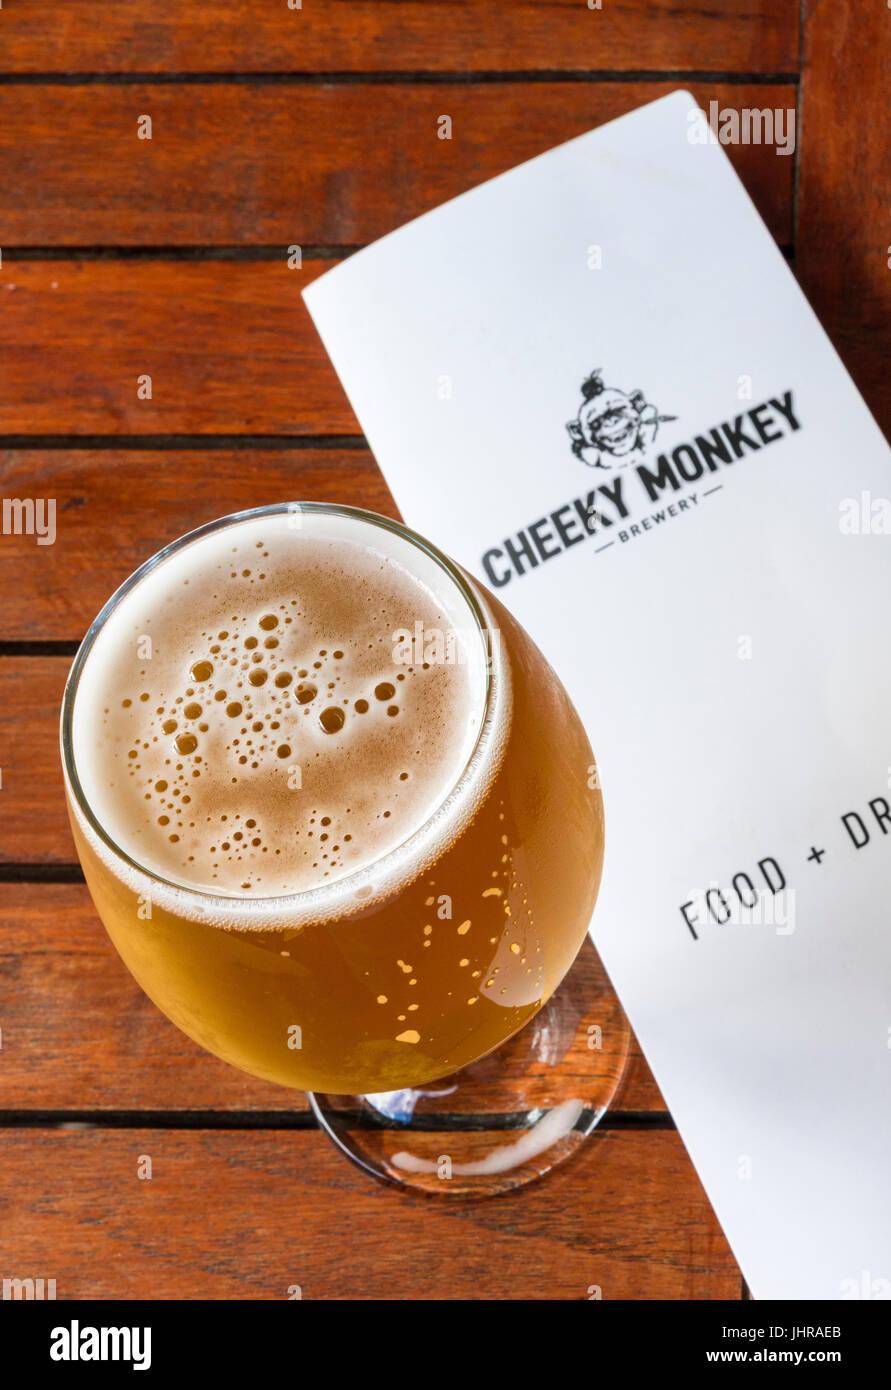 La messa a fuoco su un vetro di ale bionda birra al Cheeky Monkey birreria, Wilyabrup, Australia occidentale Immagini Stock